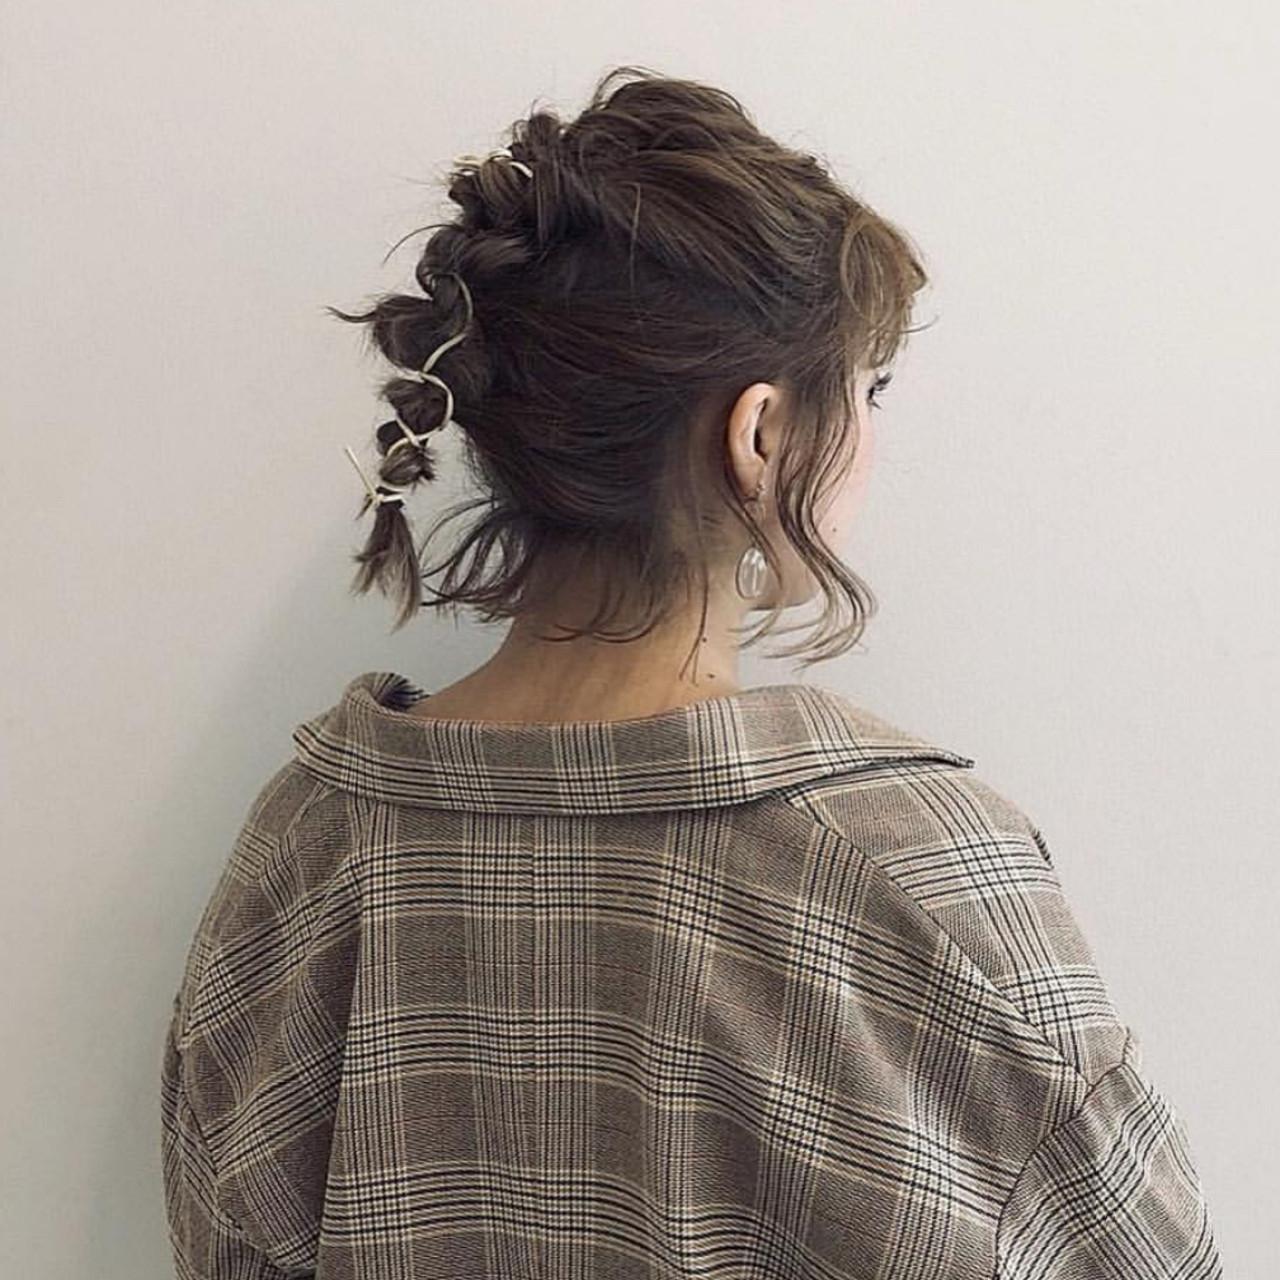 入りきらなかった髪の毛はあえて残して